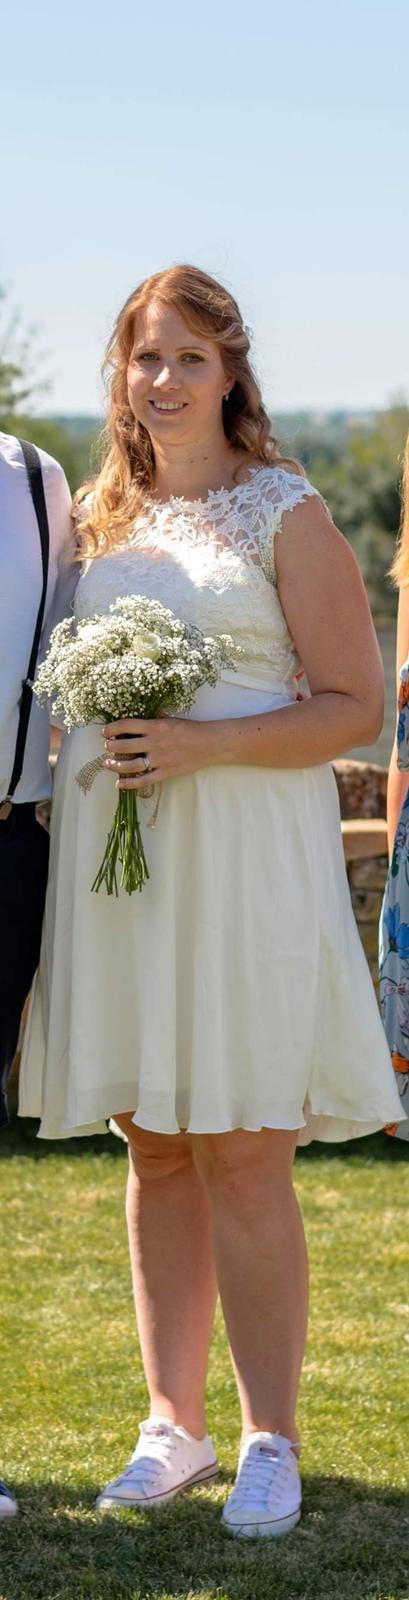 Bílé šaty - Obrázek č. 1